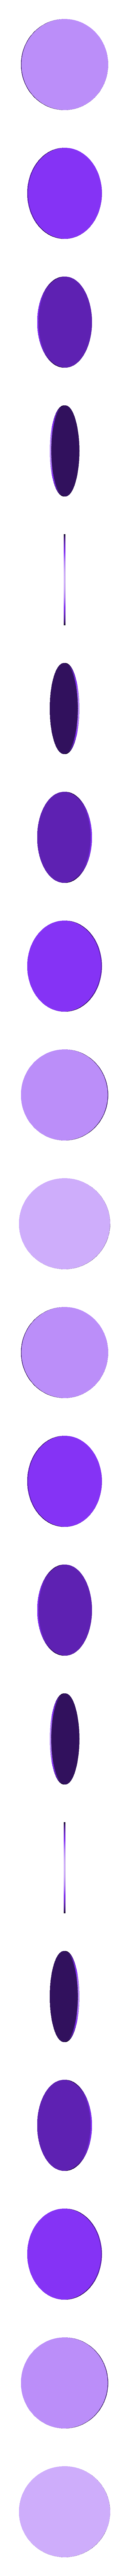 Bottom.stl Télécharger fichier STL gratuit Dessous de verre Letterkenny Pitter Patter • Modèle pour impression 3D, snagman